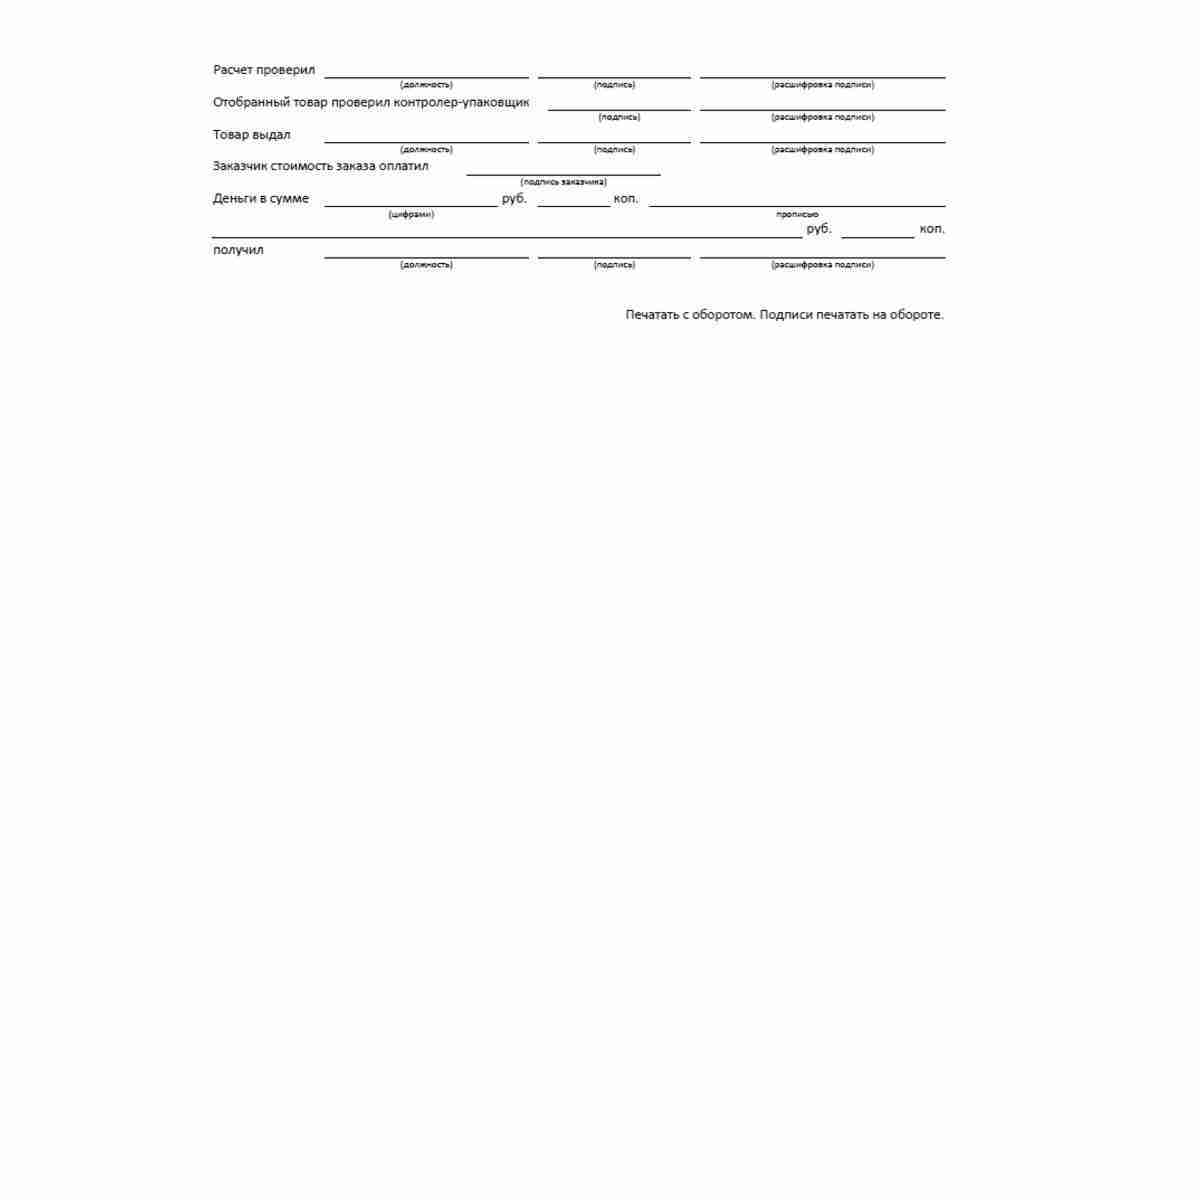 """Унифицированная форма первичной учетной документации №ТОРГ-26 """"Заказ"""" (ОКУД 0330226). Оборотная сторона."""